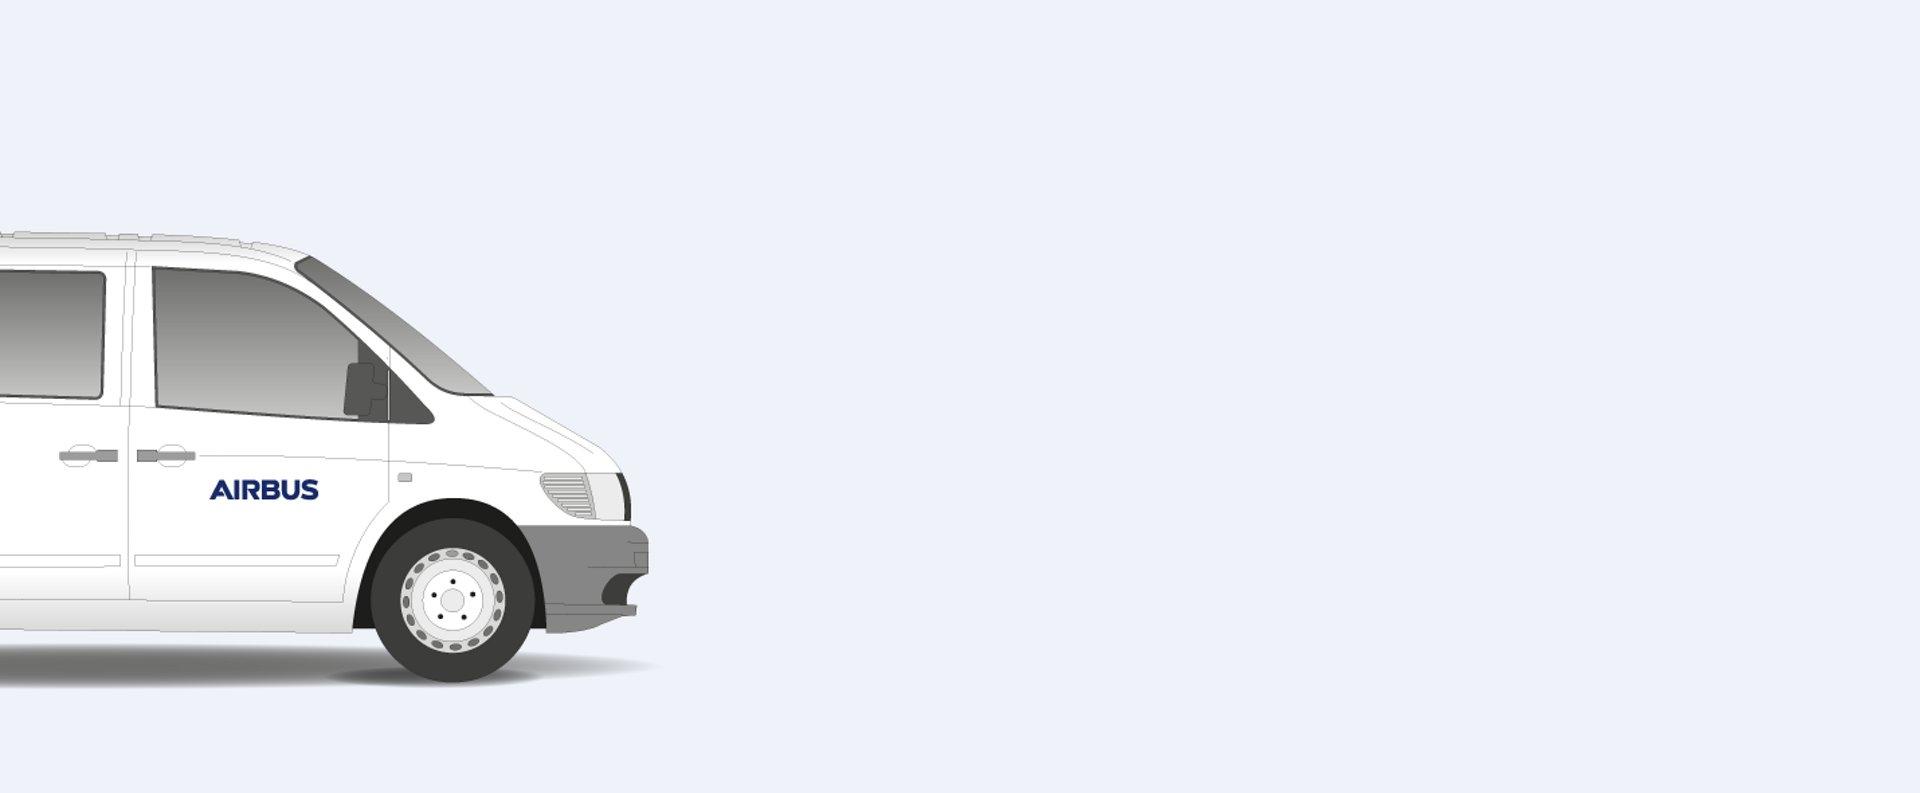 Vehicles Intro